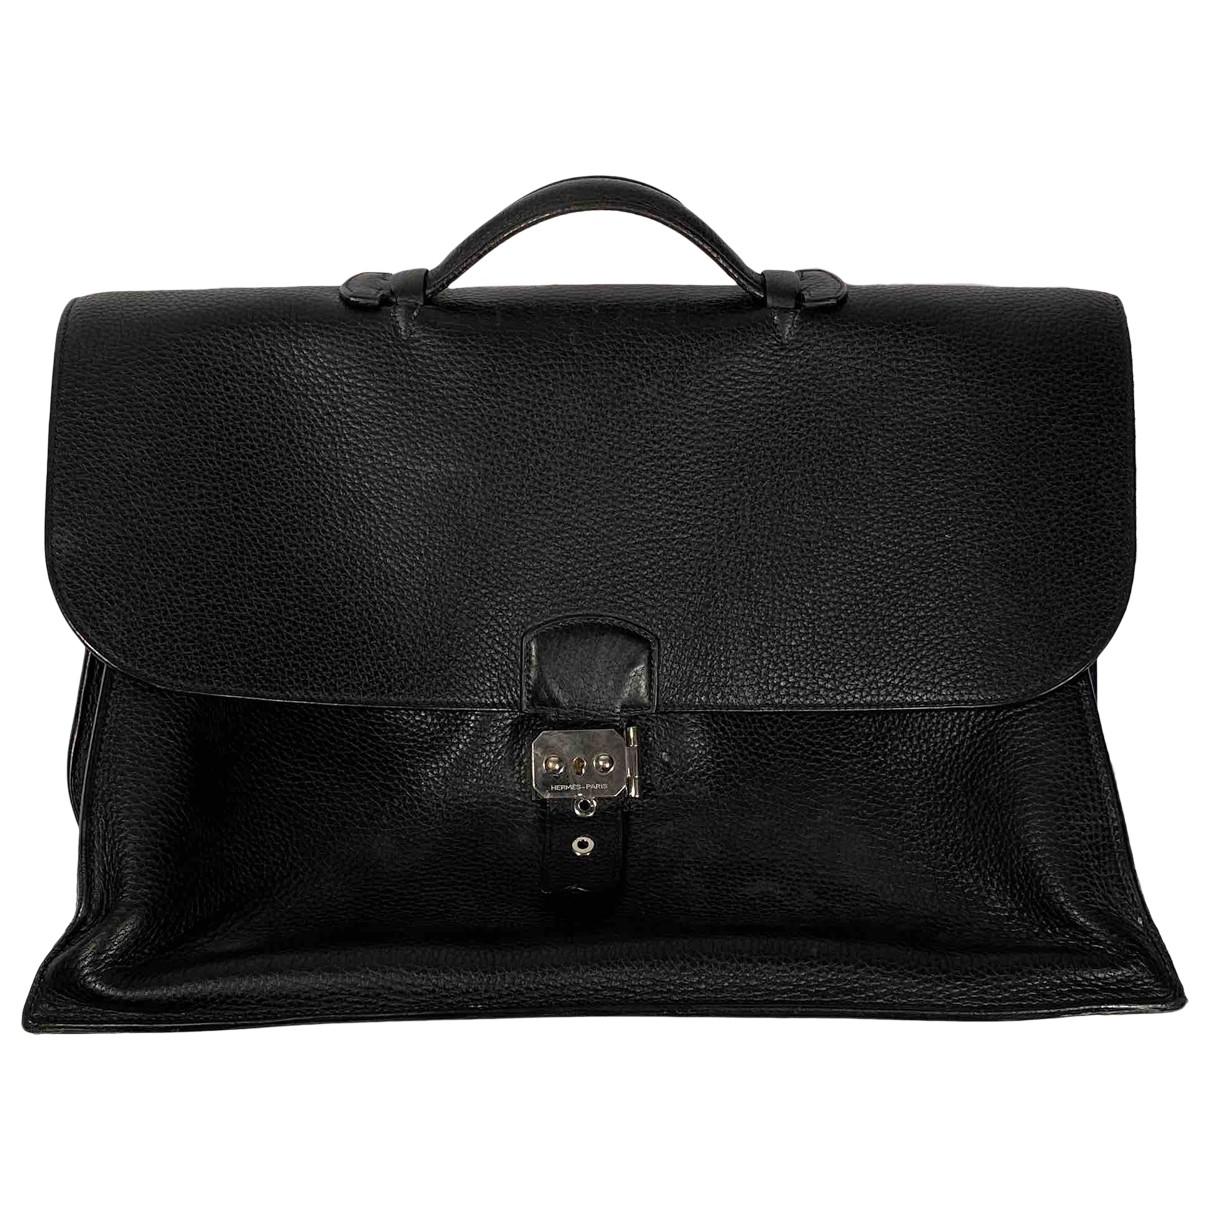 Hermès Sac à dépèches Black Leather bag for Men \N